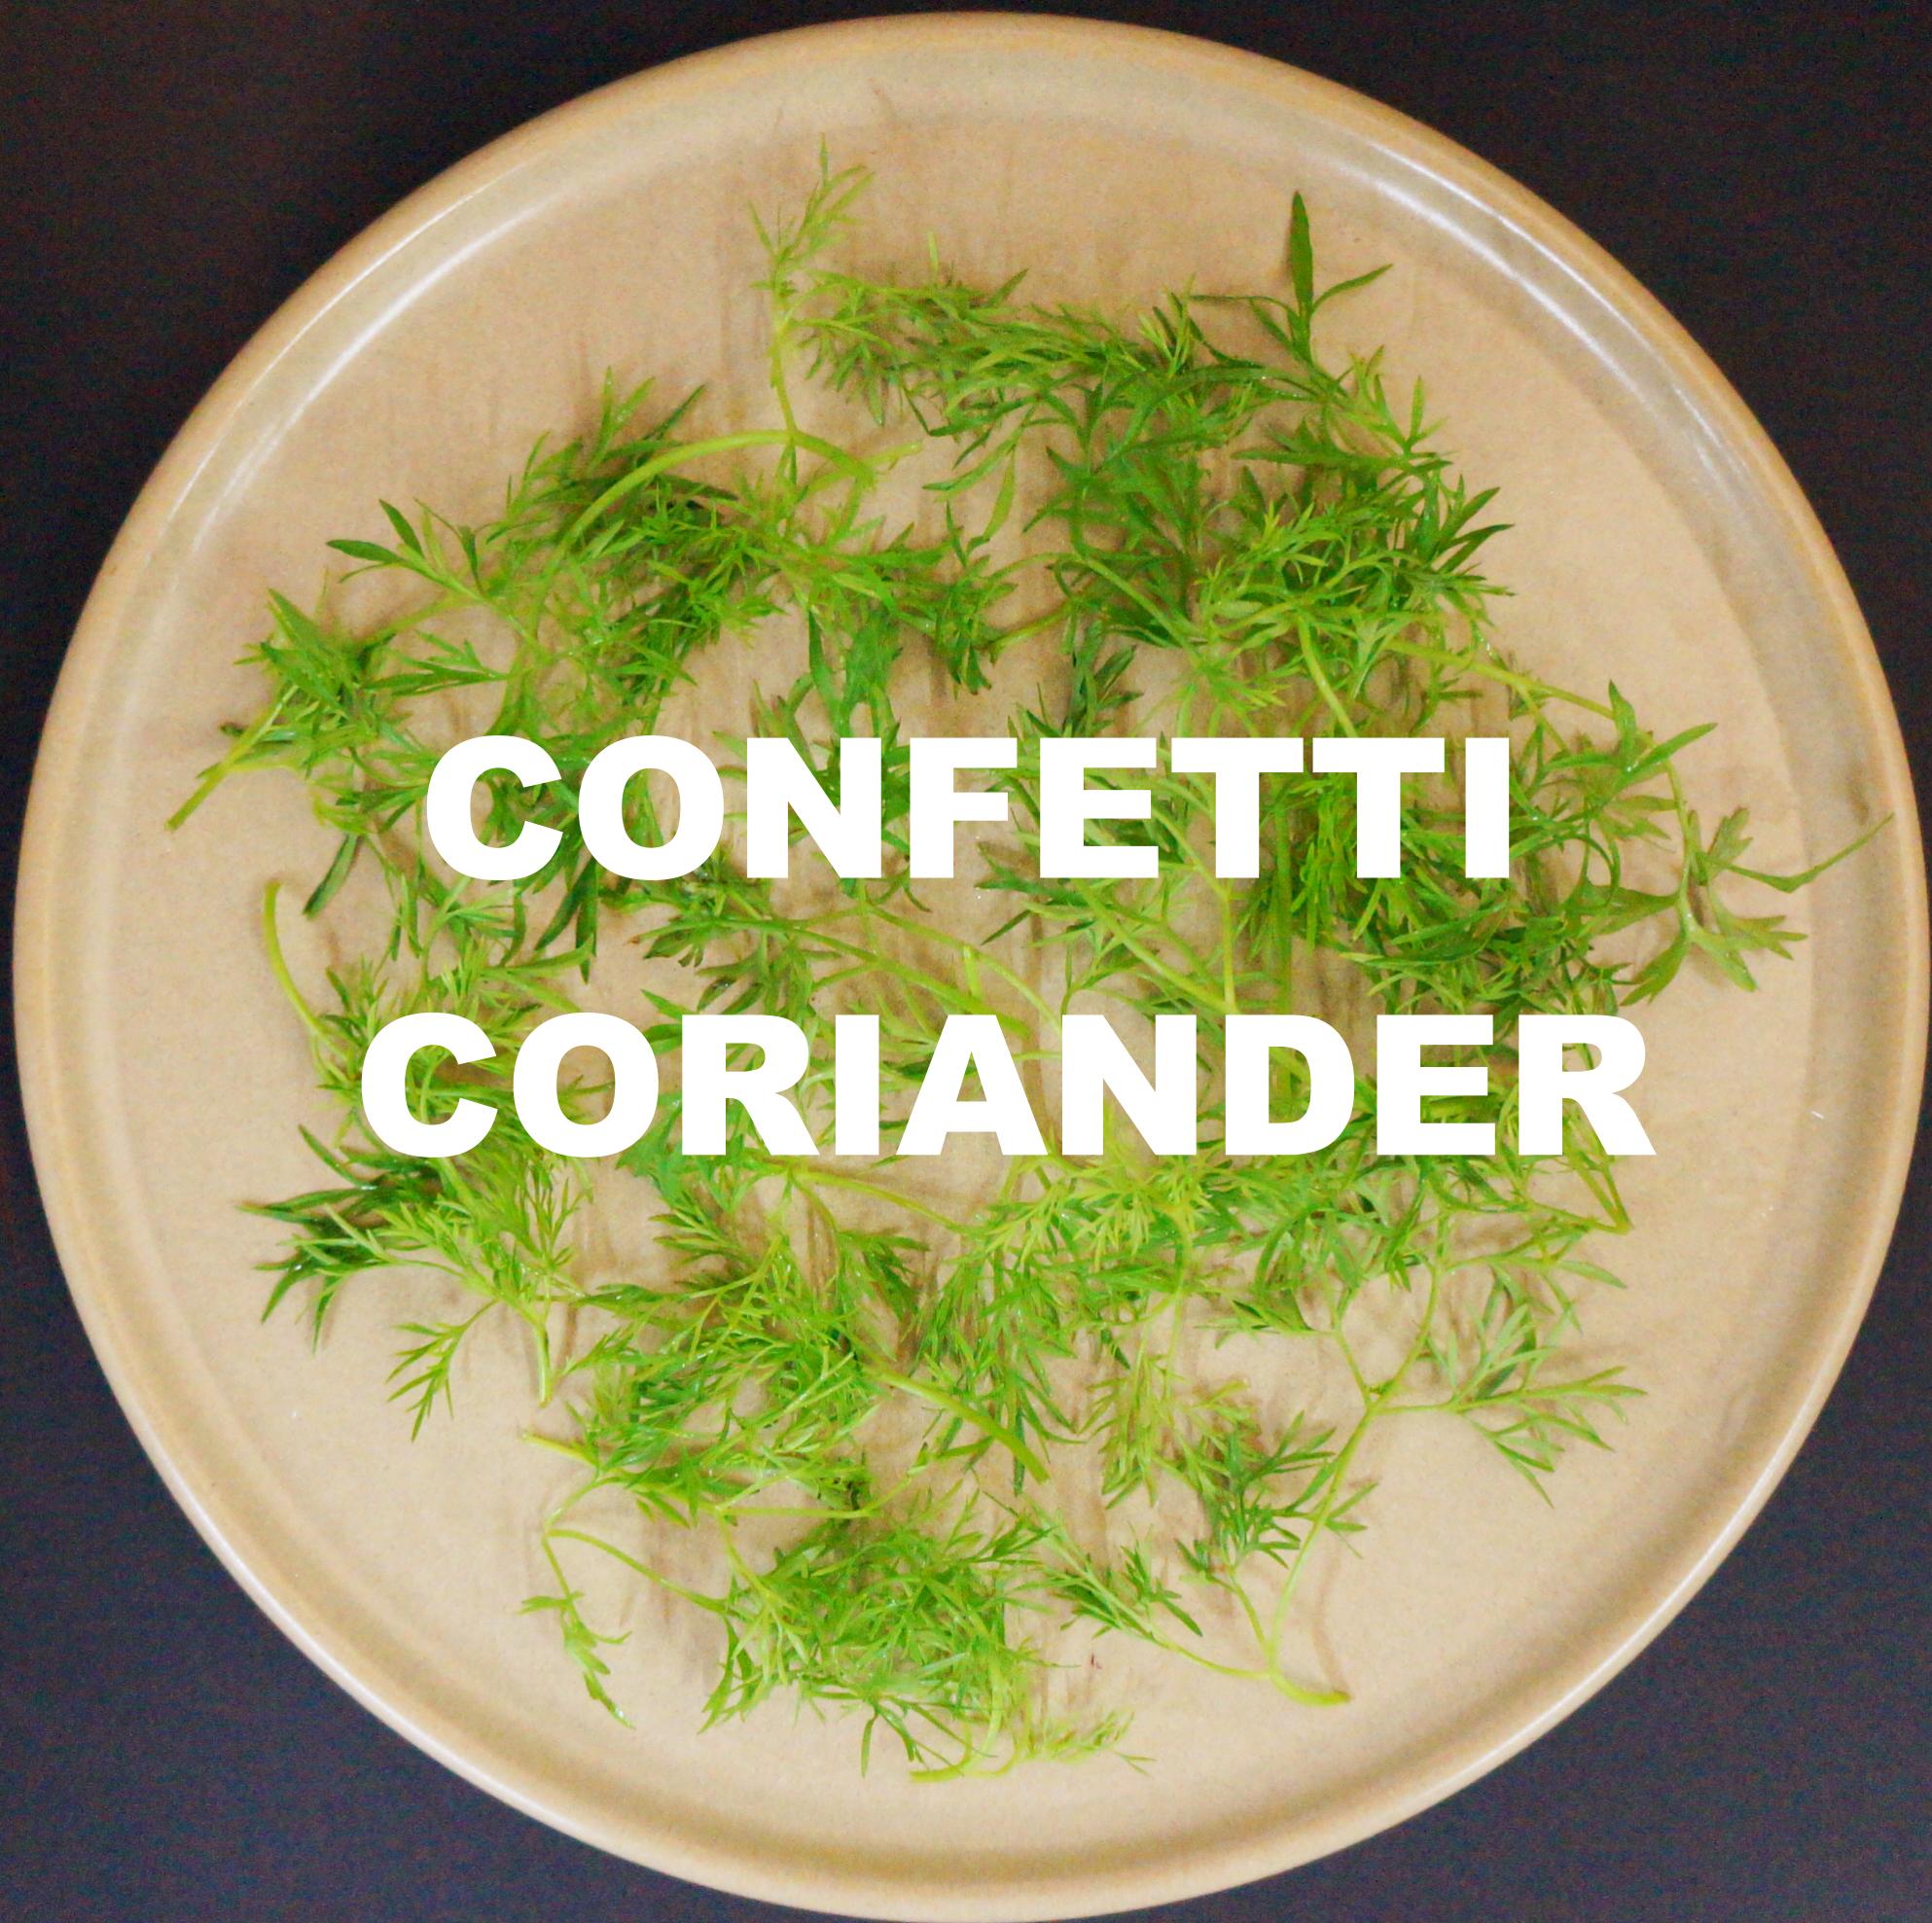 CONFETTI CORIANDER.jpg